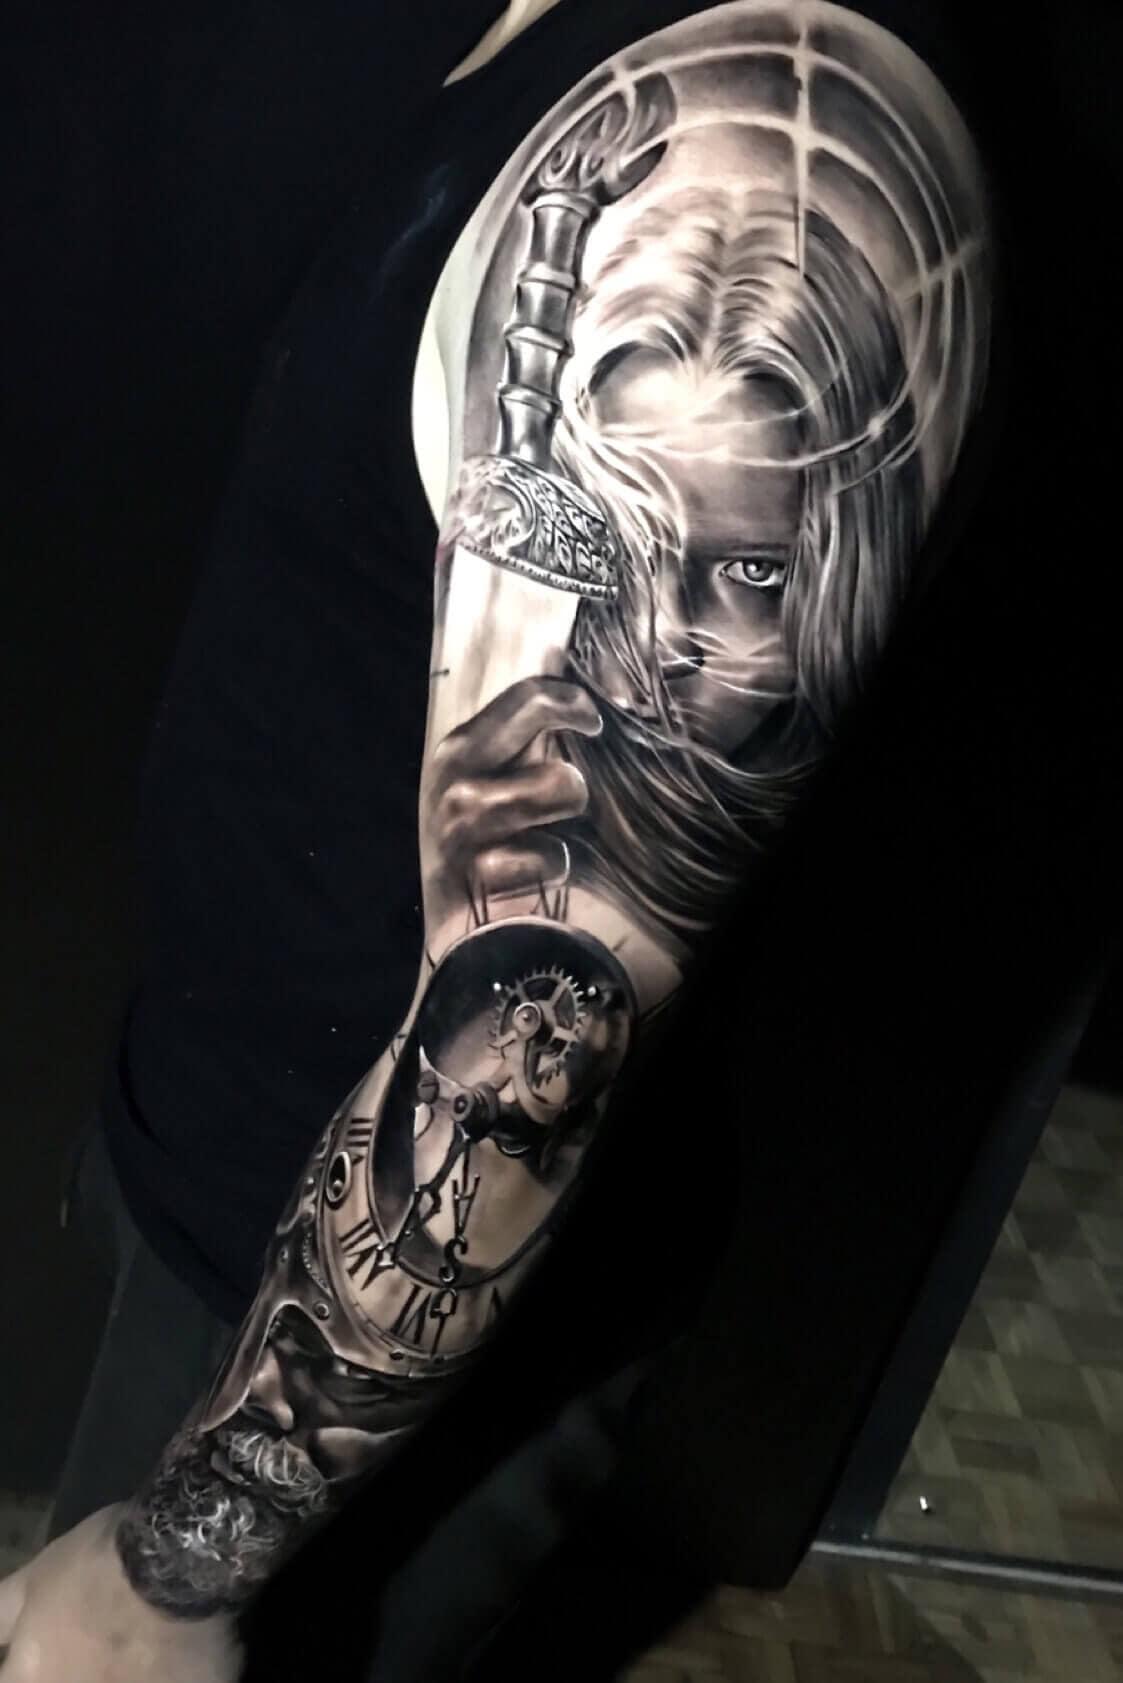 viking woman tattoo on arm